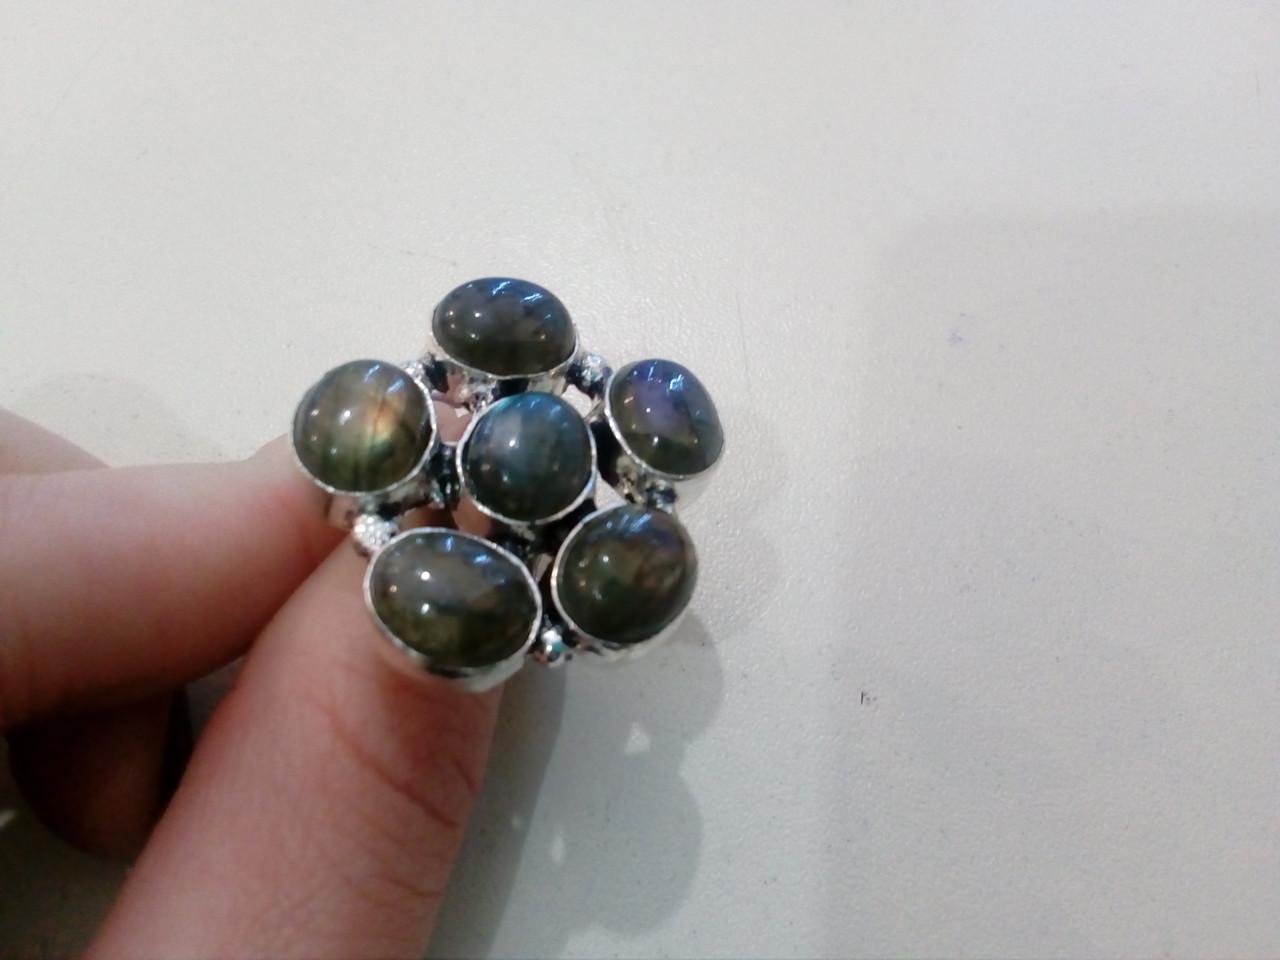 Яркое кольцо цветок с натуральным камнем лабрадор в серебре 17 размер. Кольцо с лабрадором.